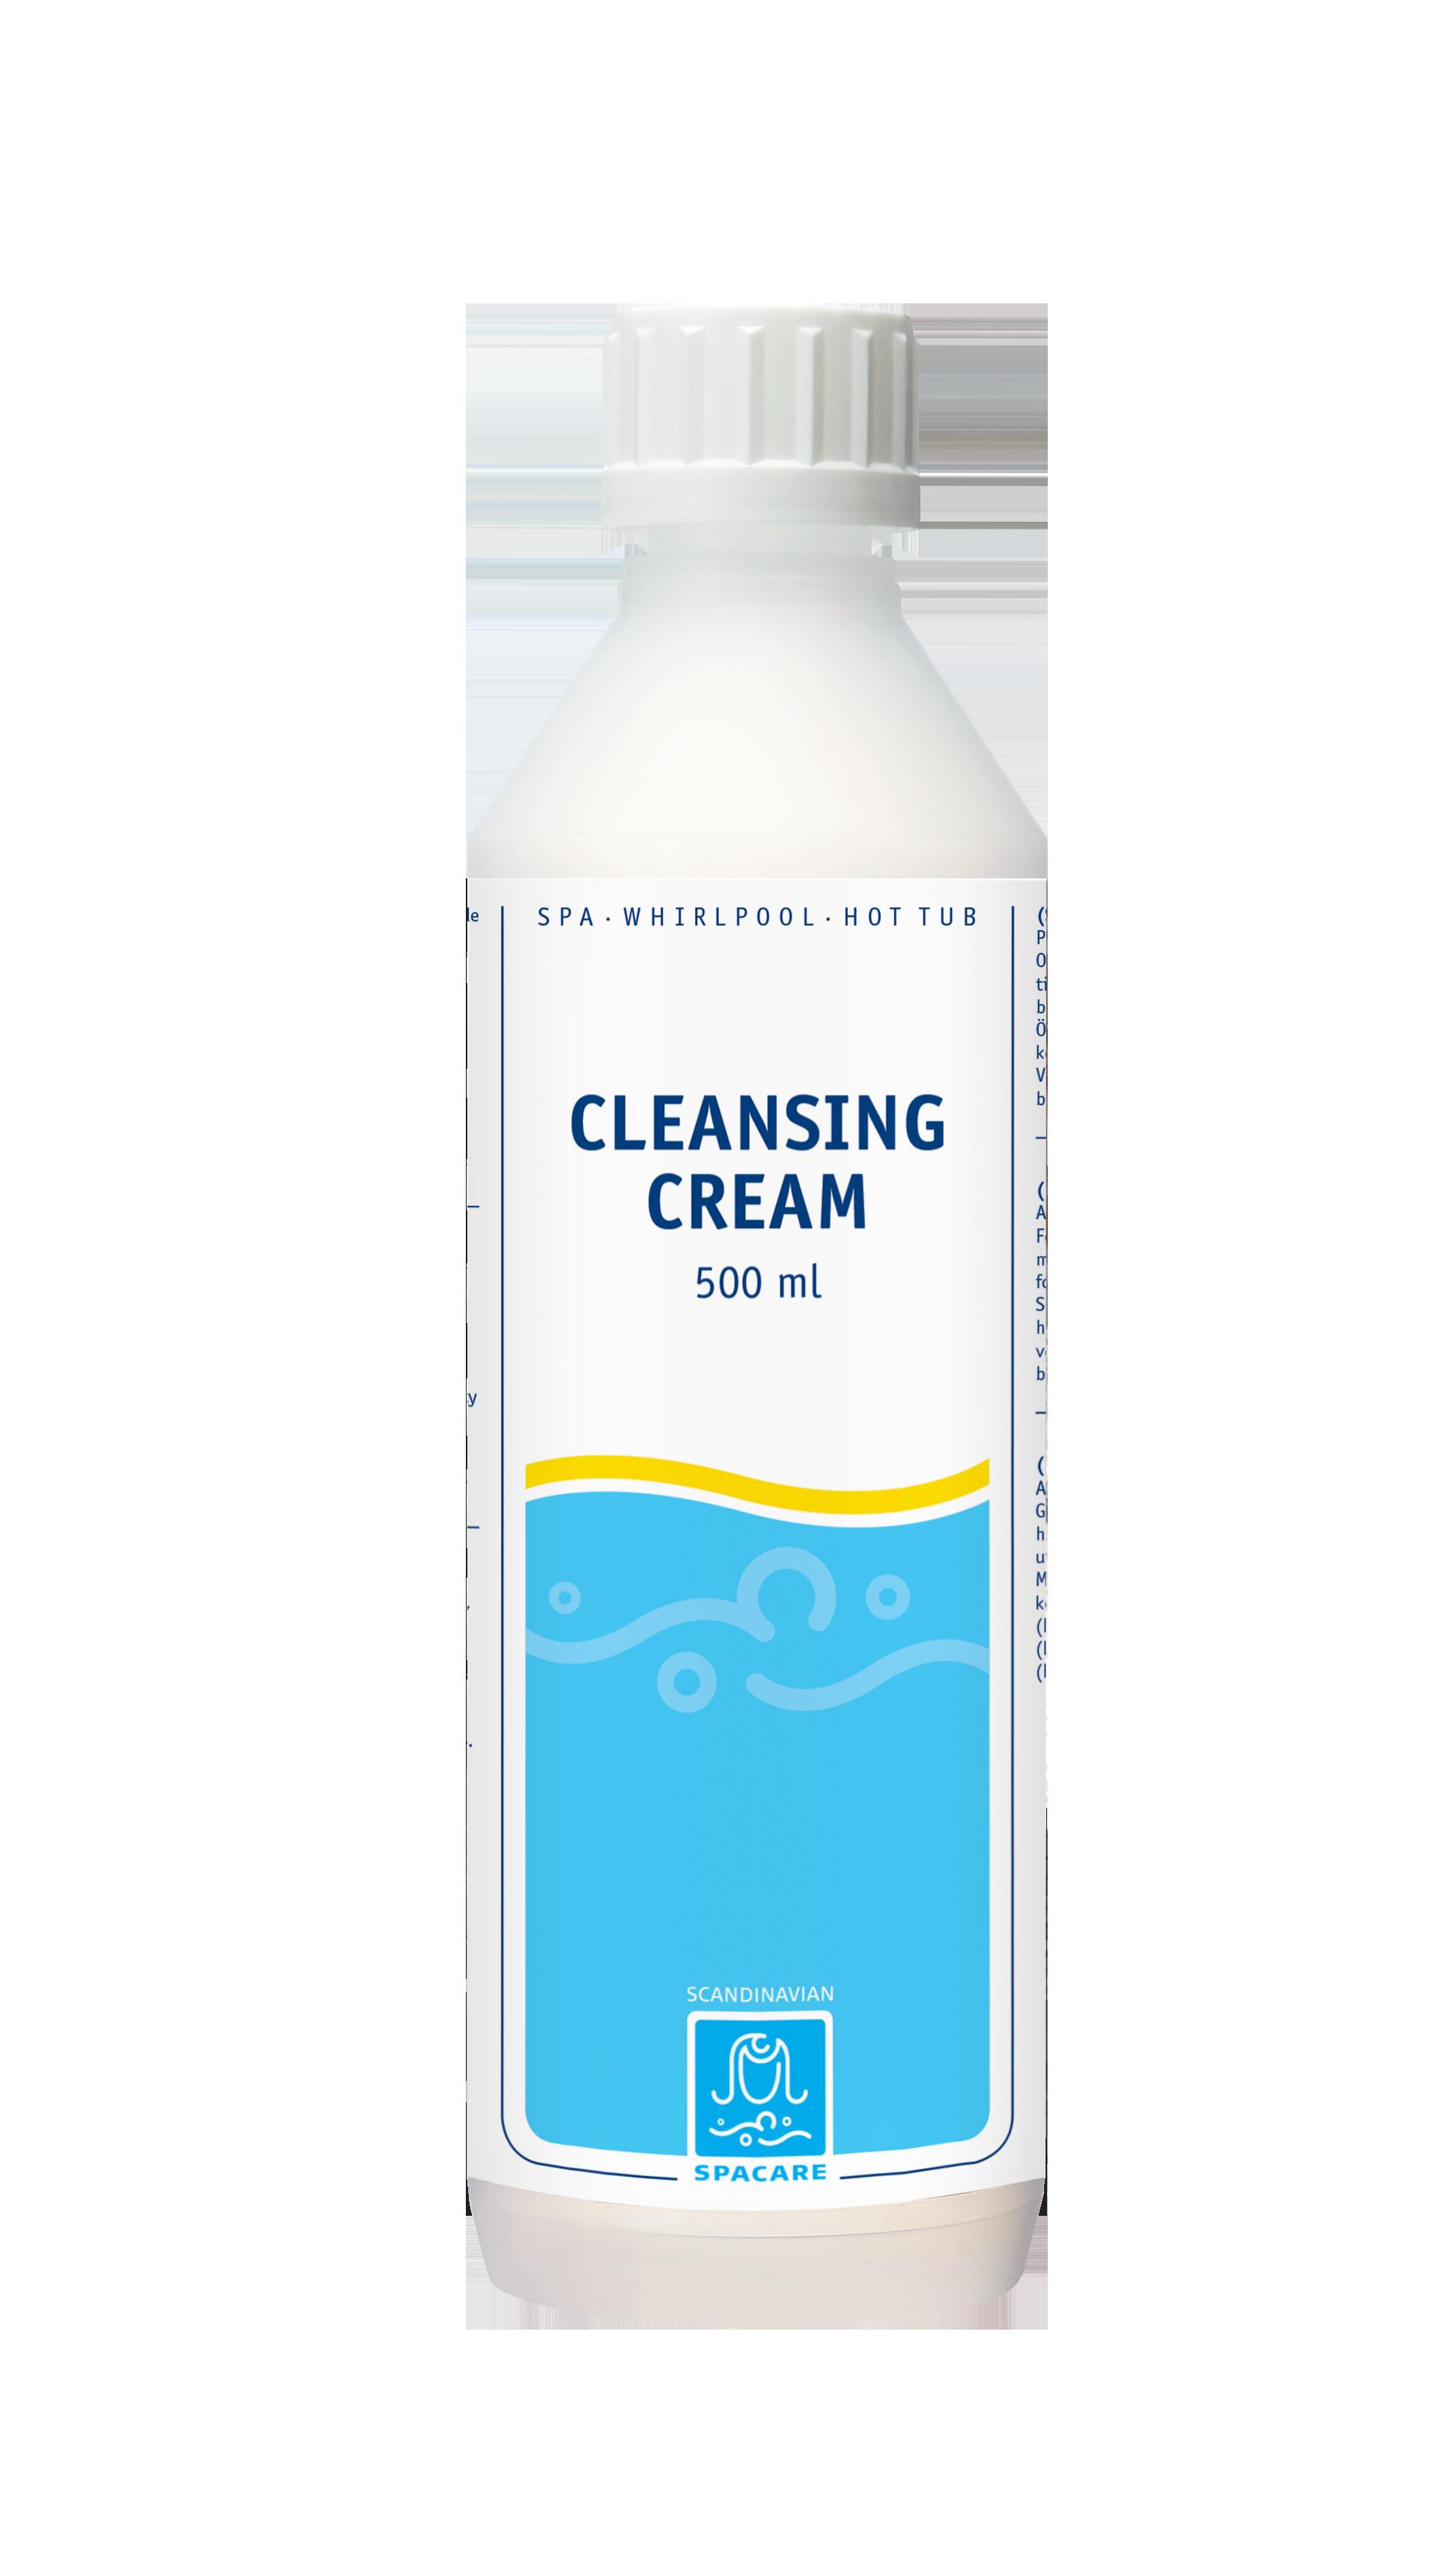 SpaCare Cleansing Cream